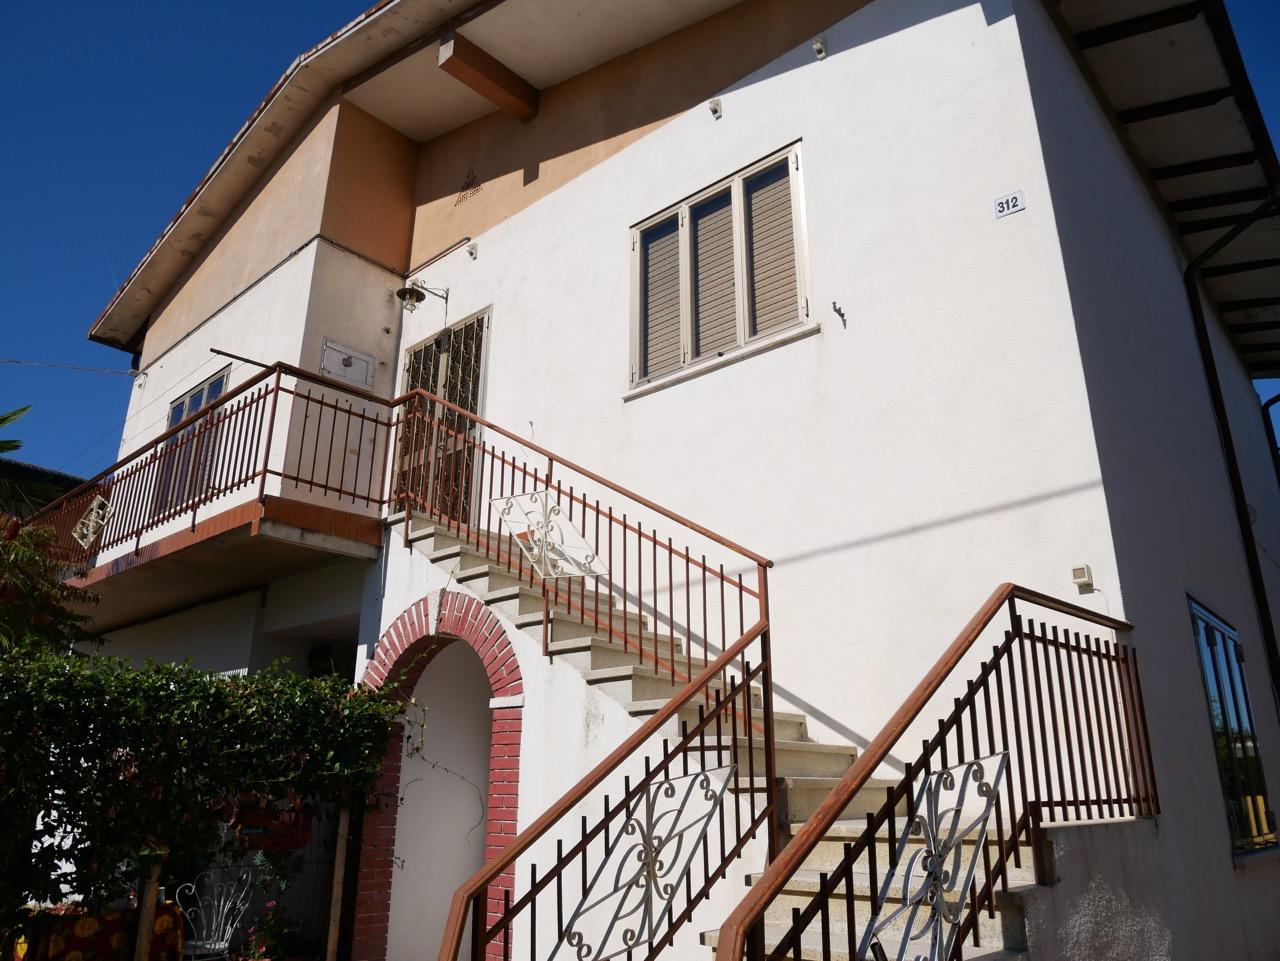 Appartamento indipendente da ristrutturare.